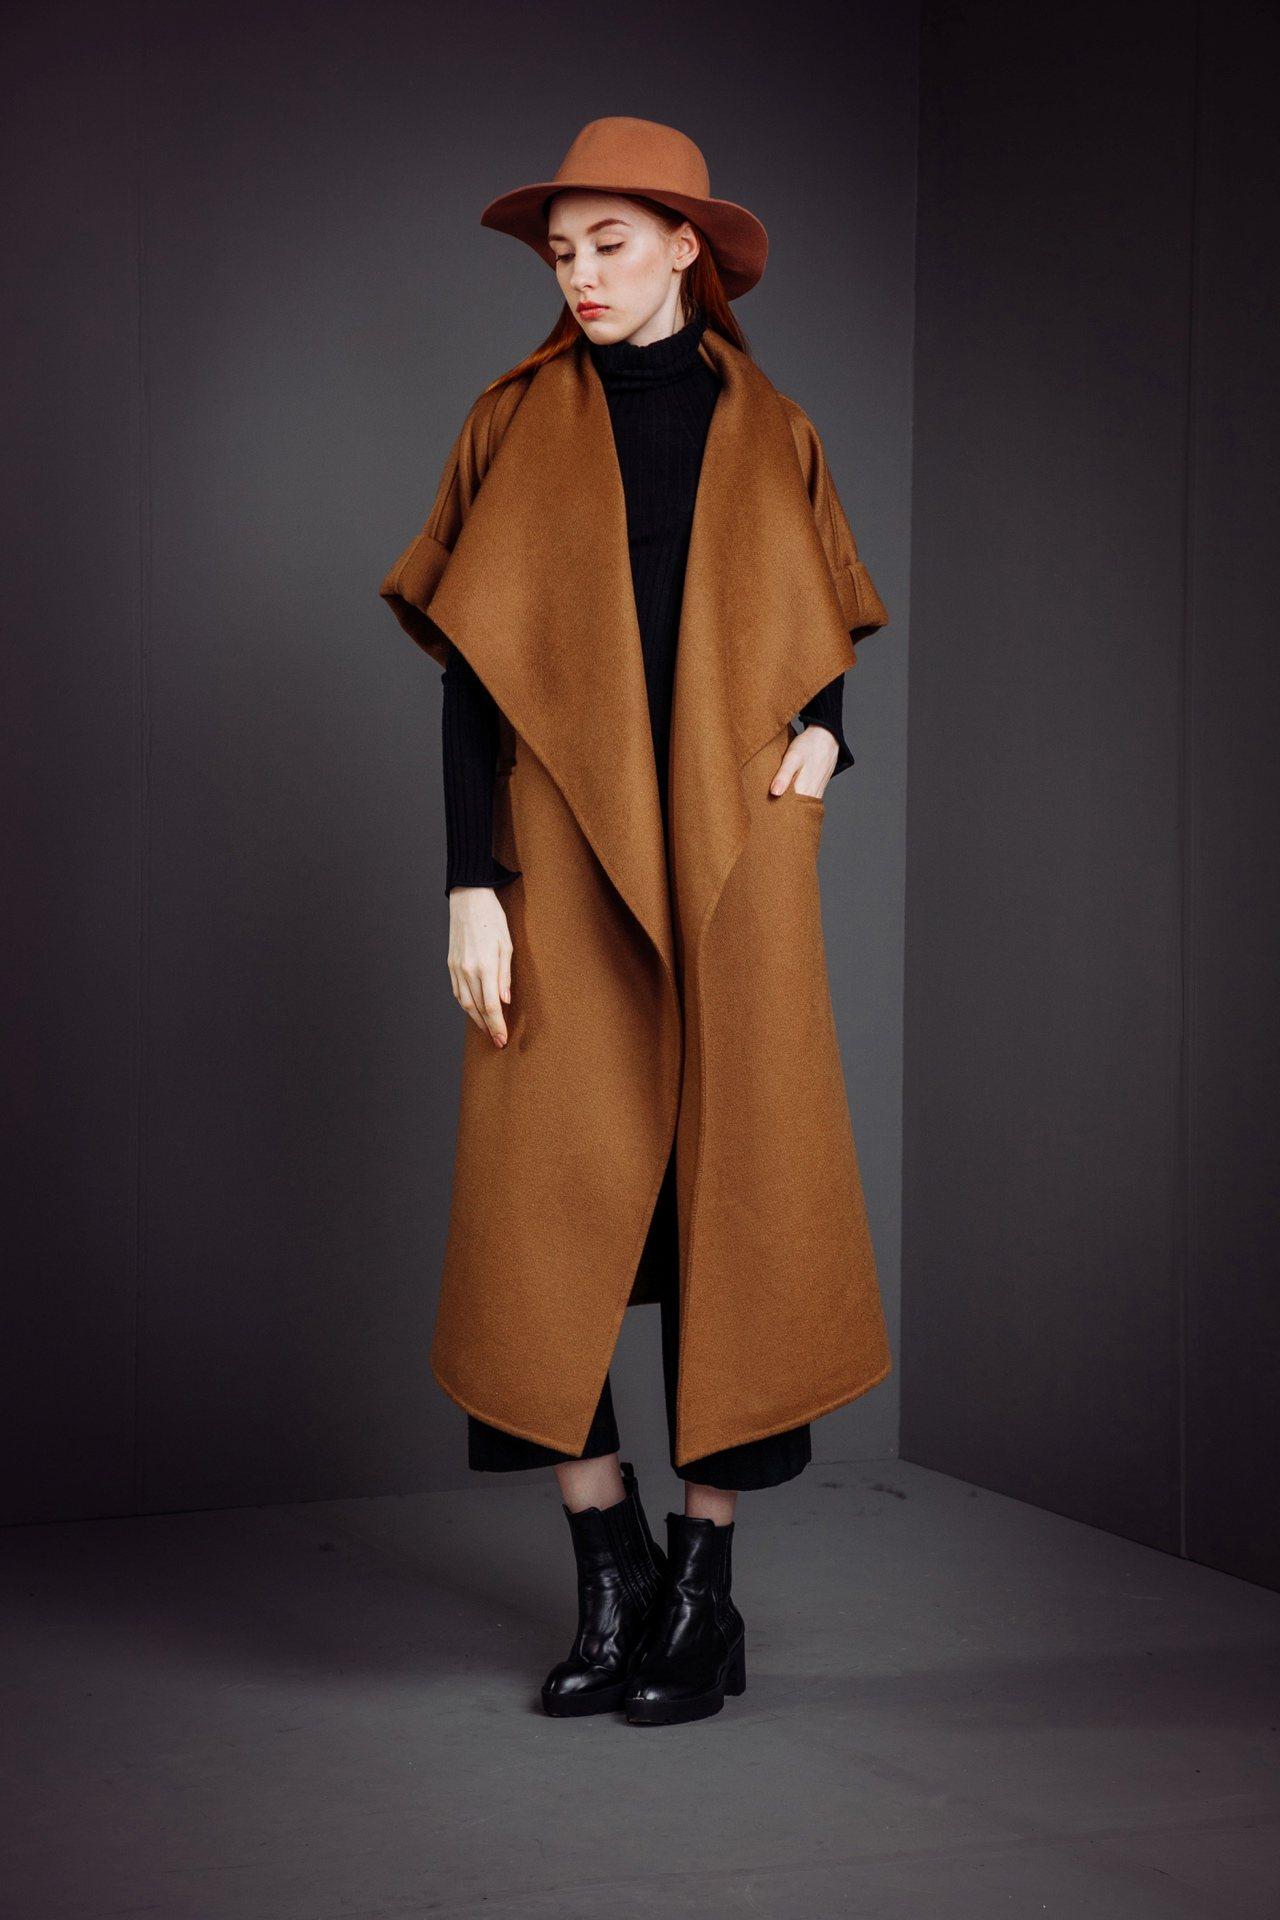 純羊毛大寬領時尚大衣,售價24,800元。圖/KeyWear提供